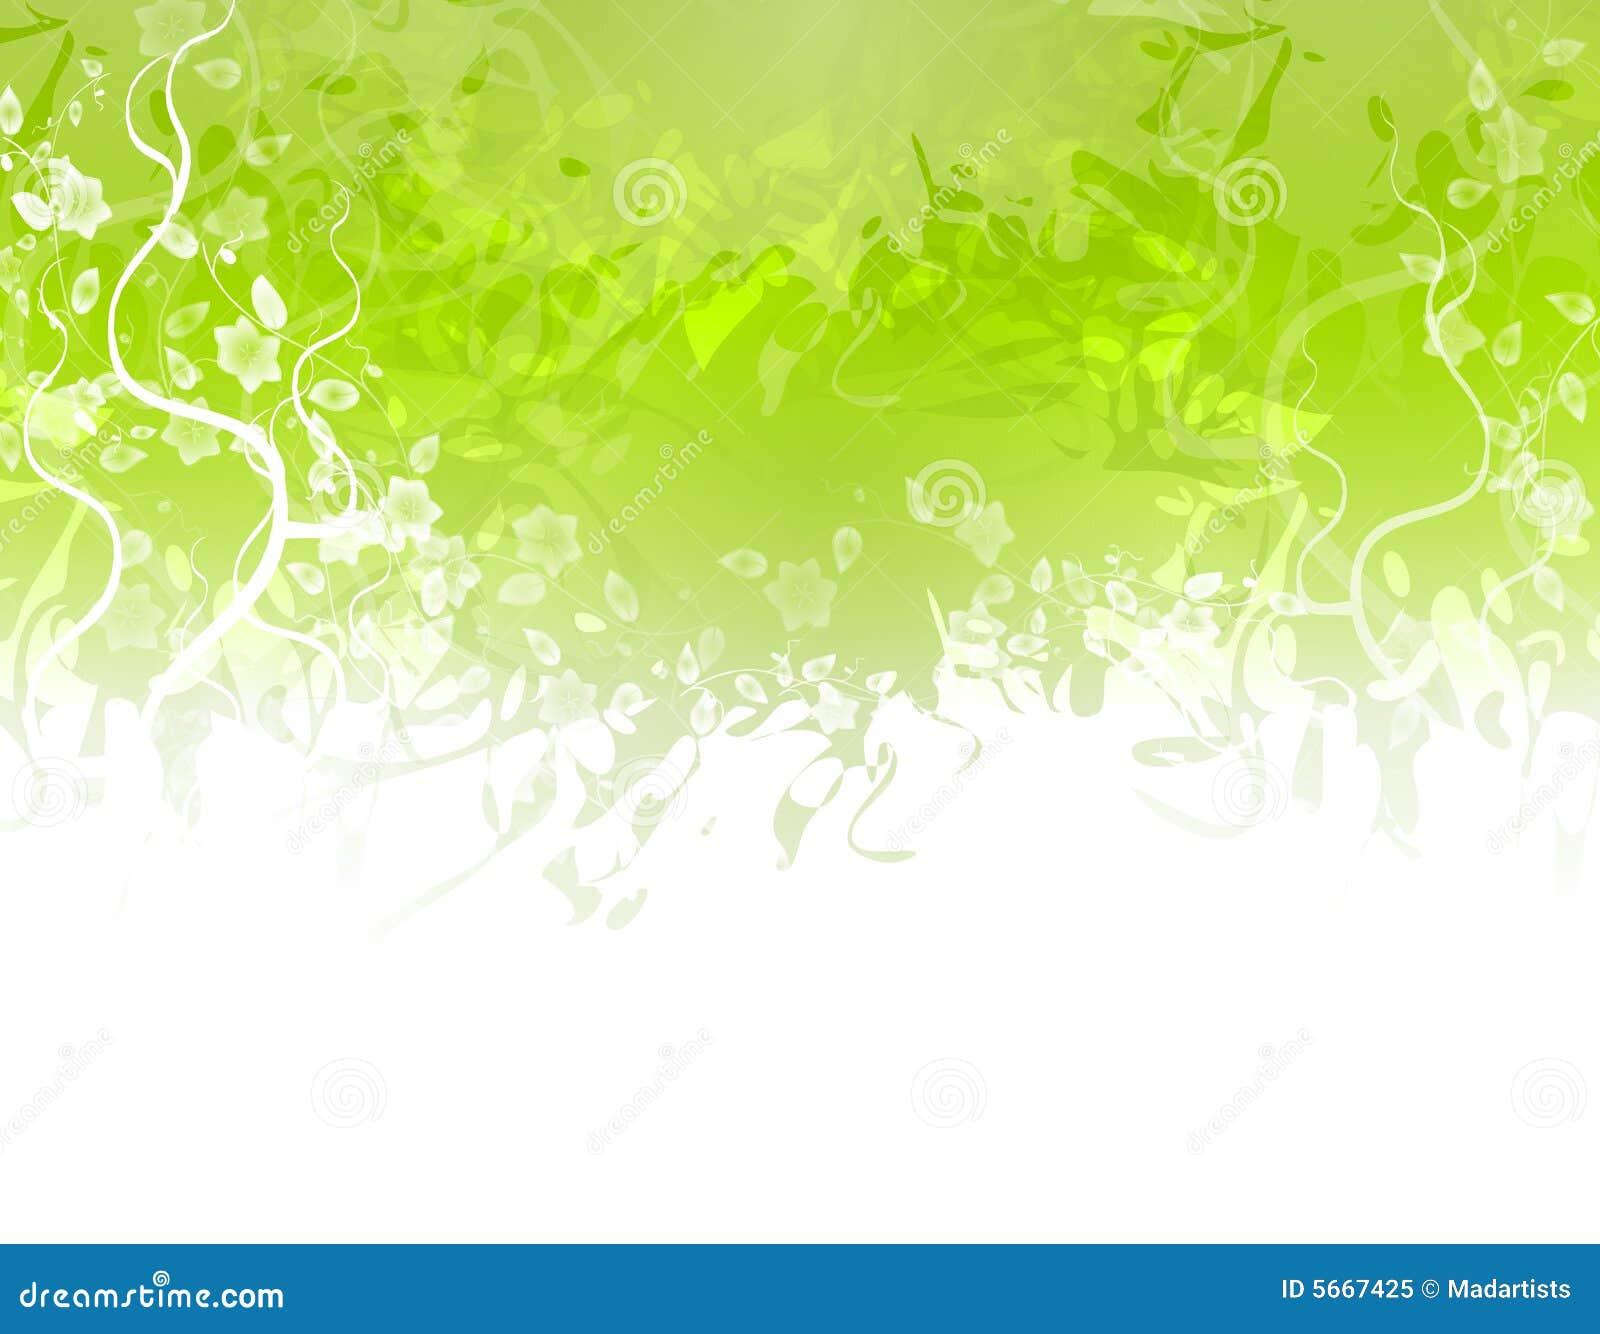 Green Flower Texture Border